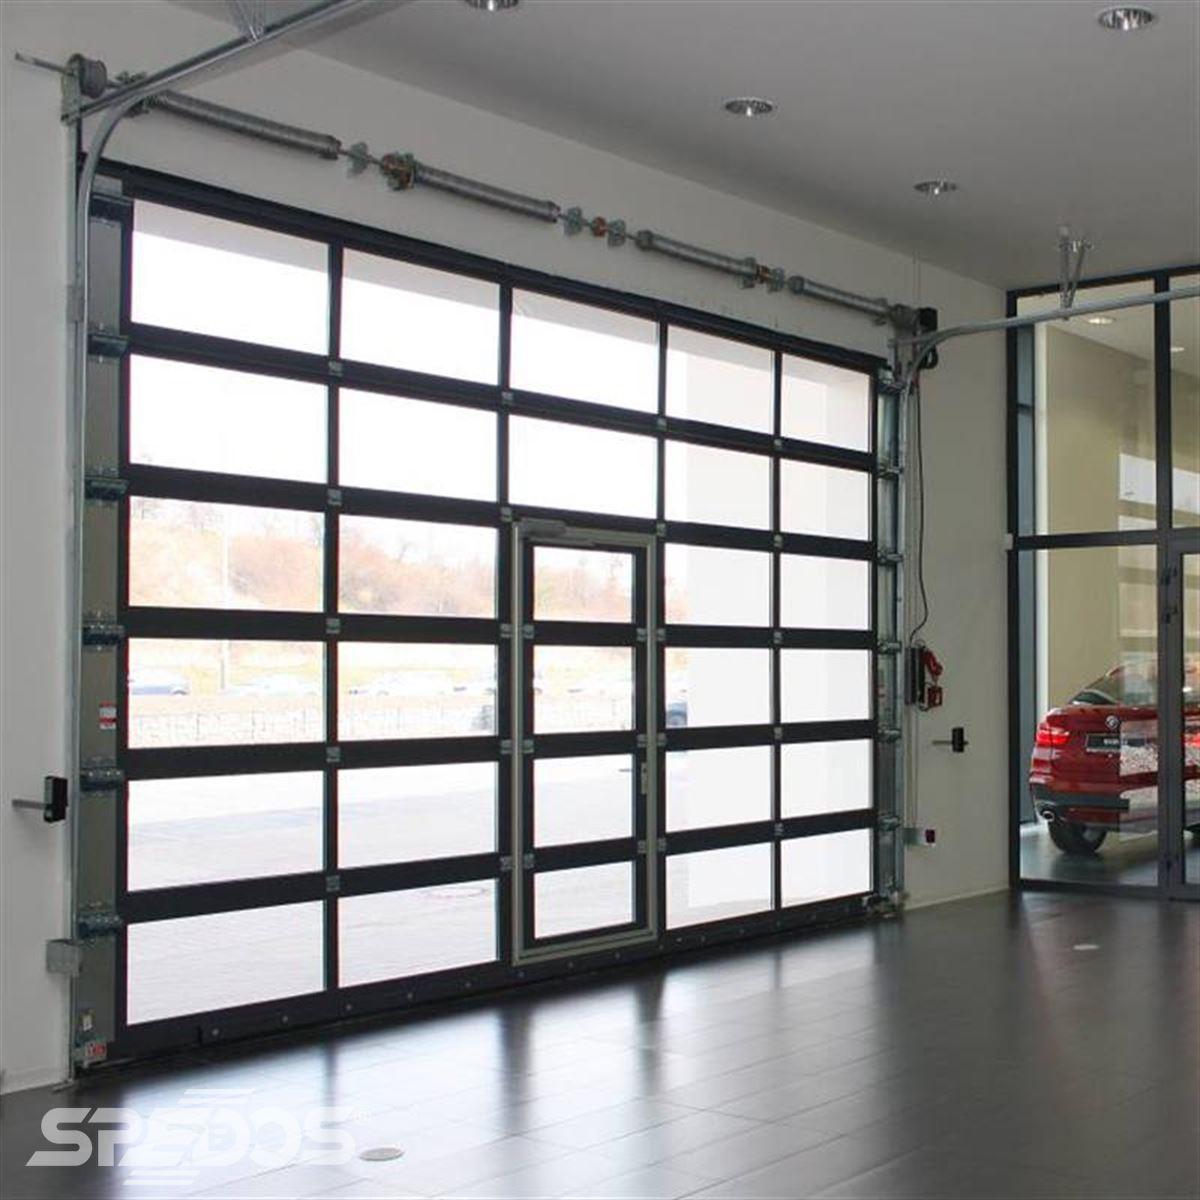 sekční vrata VM03 pro prestižní autosalon